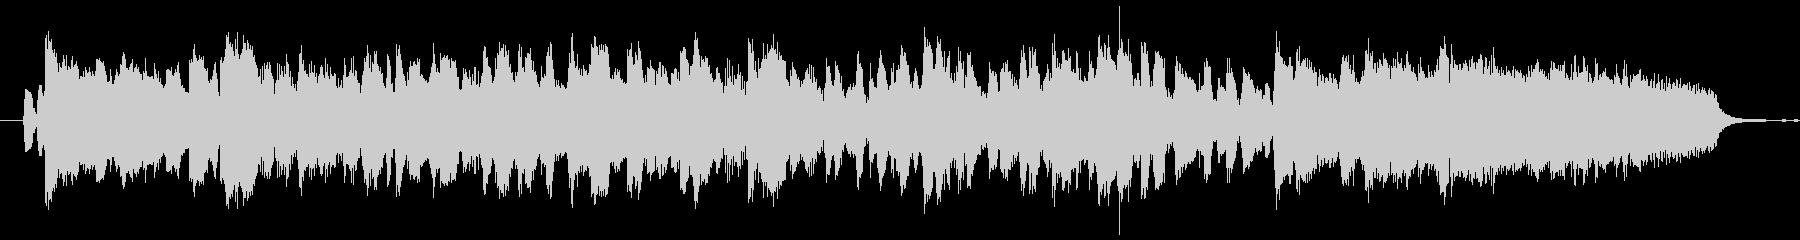 ハーモニカ生演奏アラビアンポップソロの未再生の波形